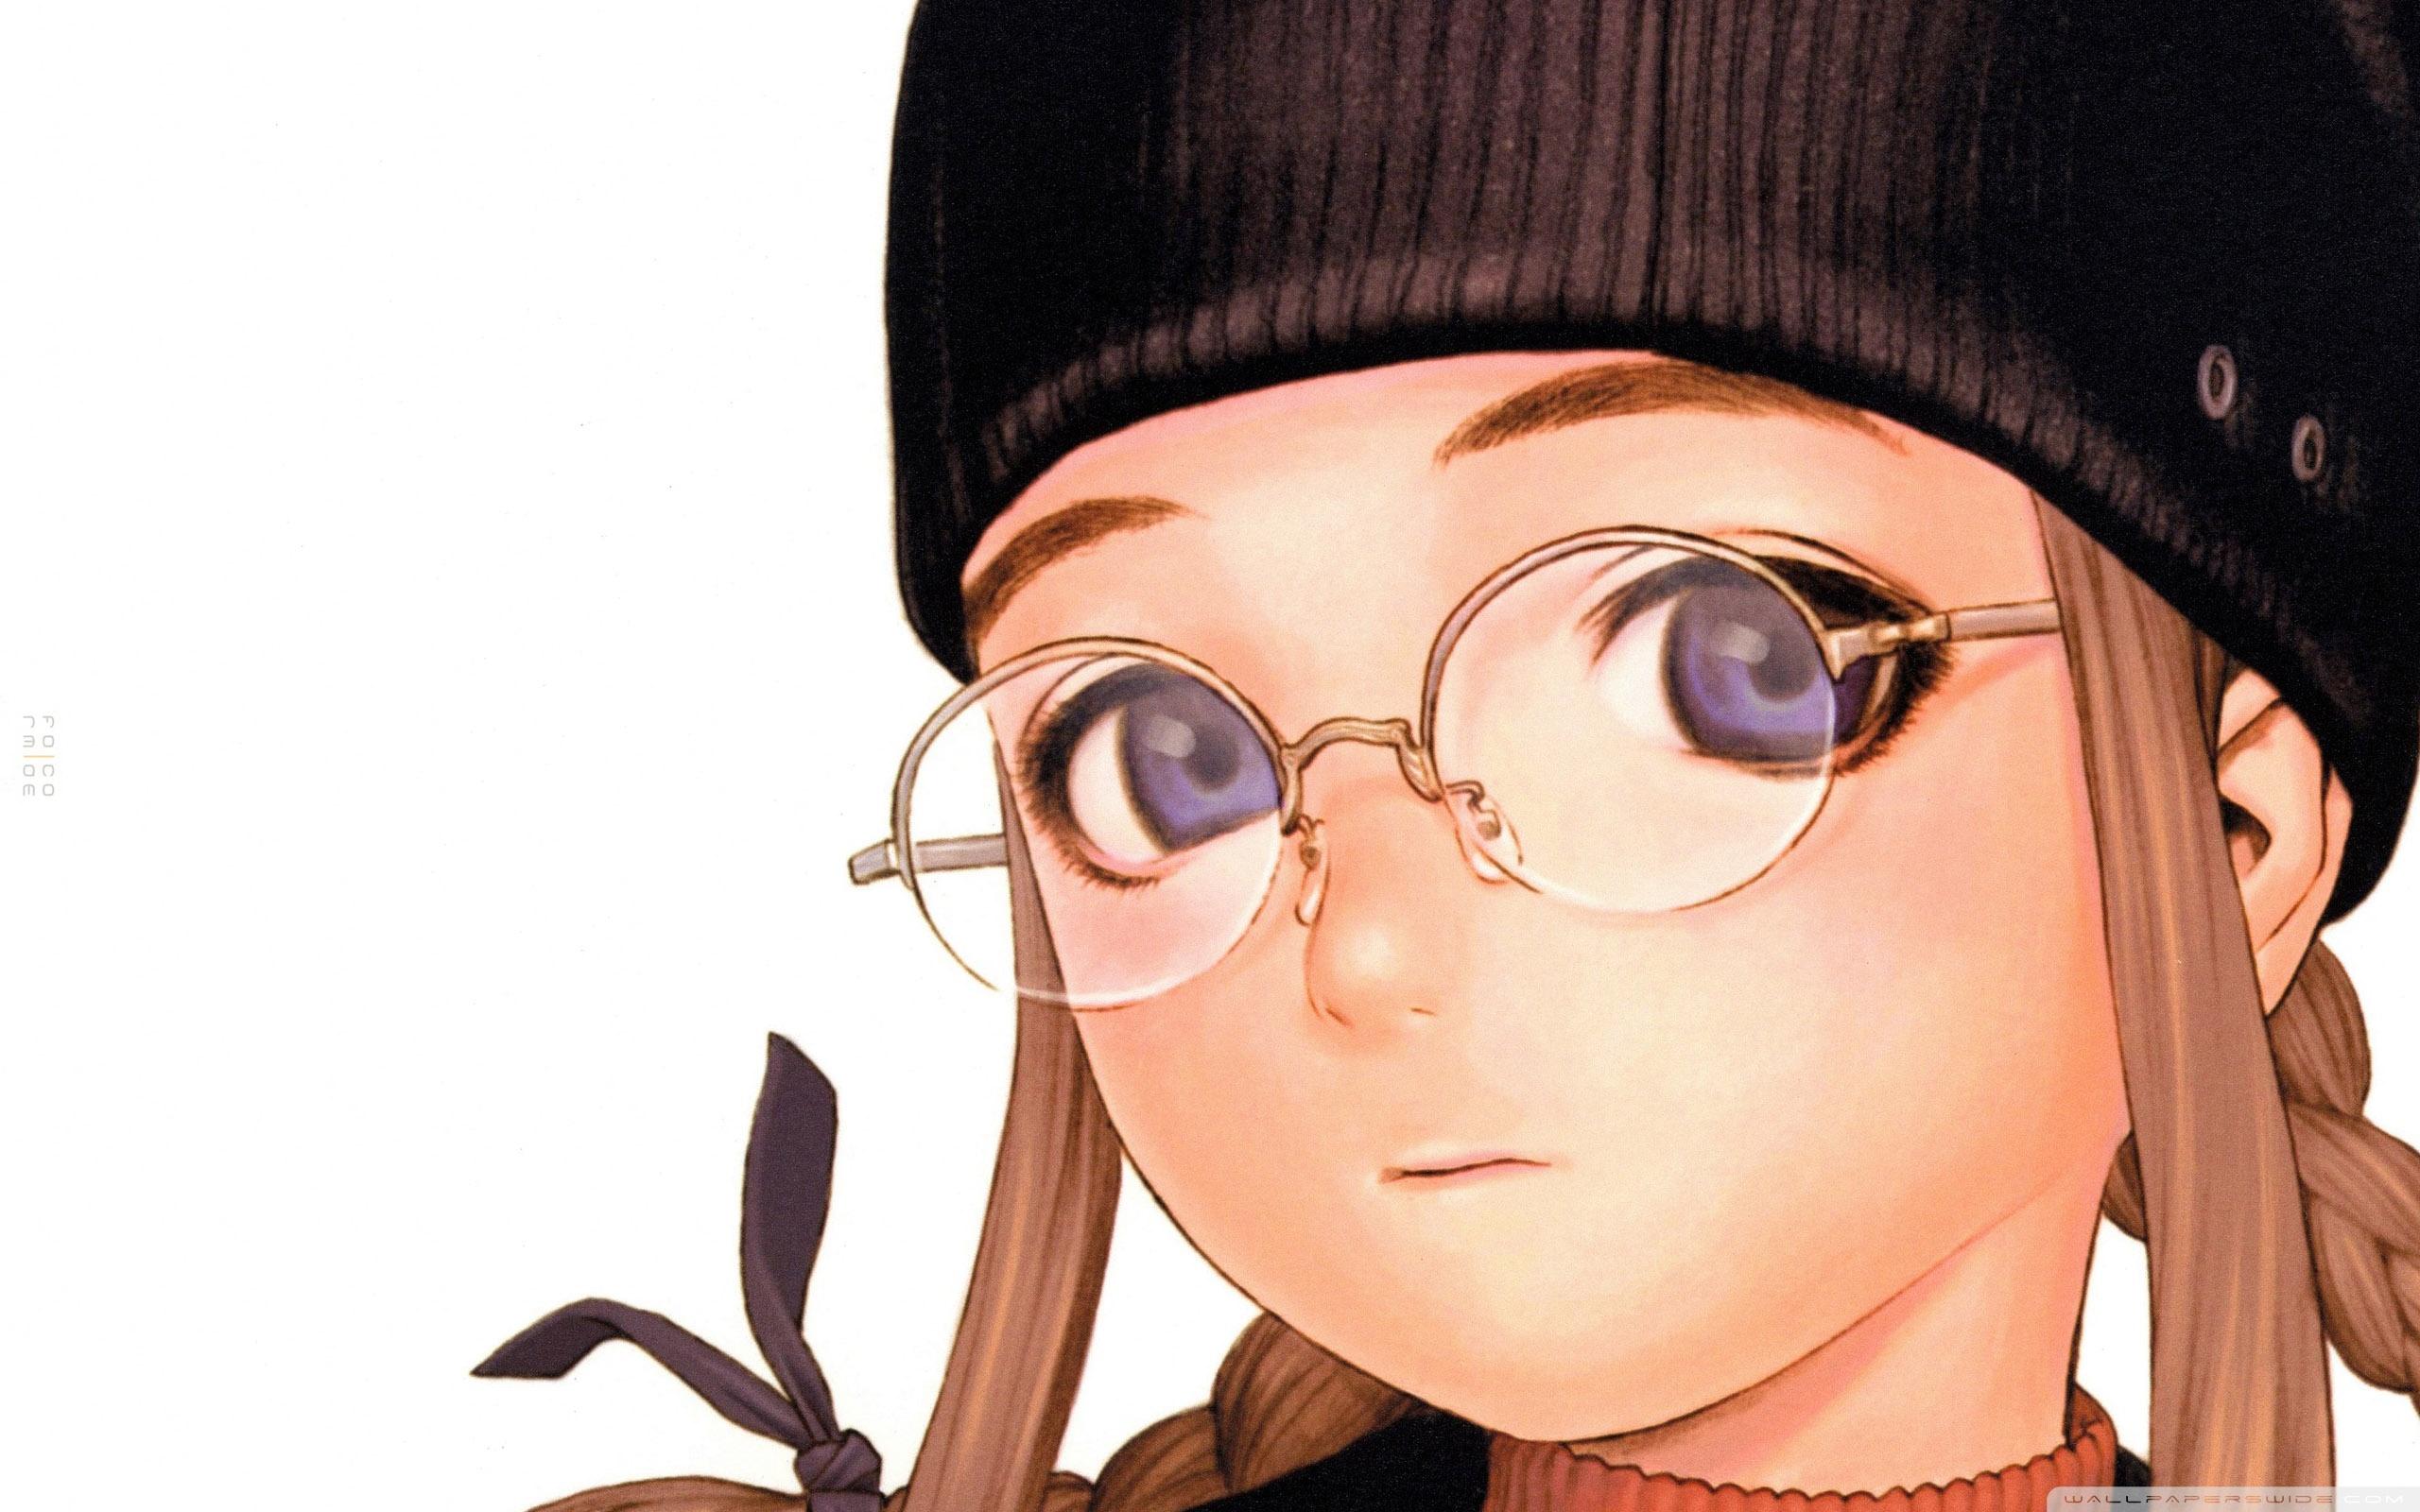 Amazing Wallpaper Girl Headphones Anime Girl With Glasses 4k Hd Desktop Wallpaper For 4k